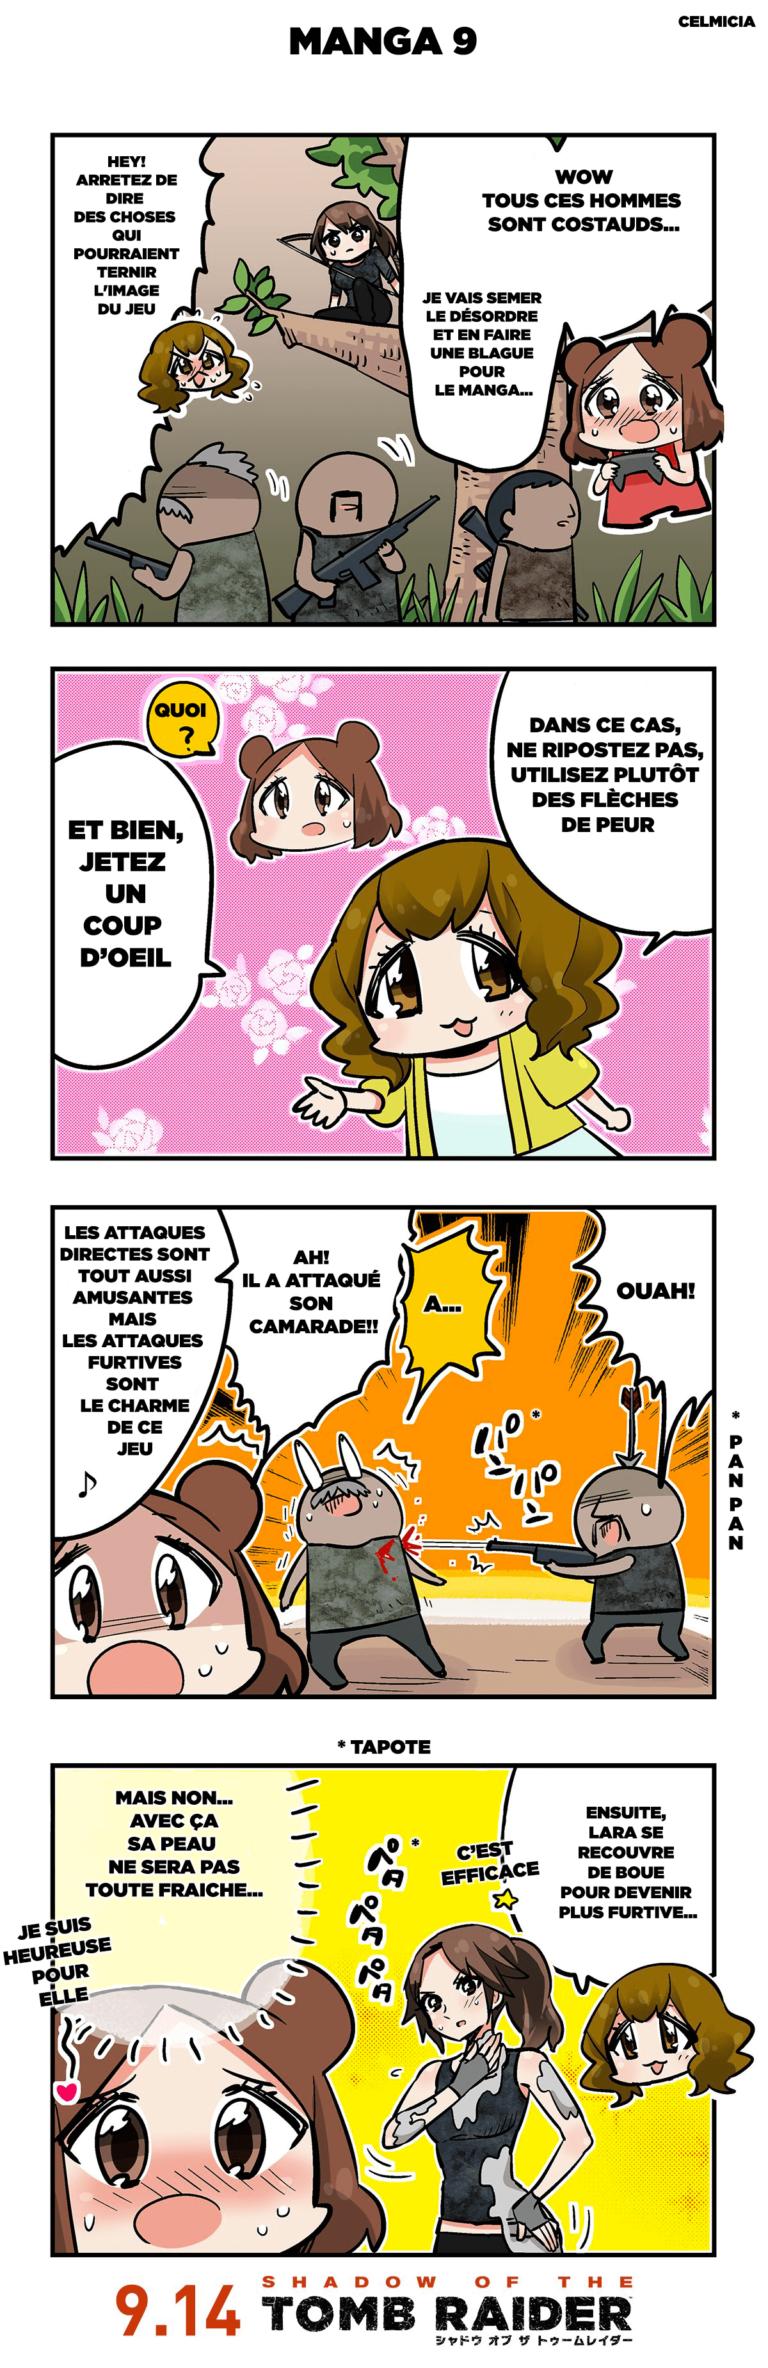 sottr_manga_square_enix_jp_9_opti